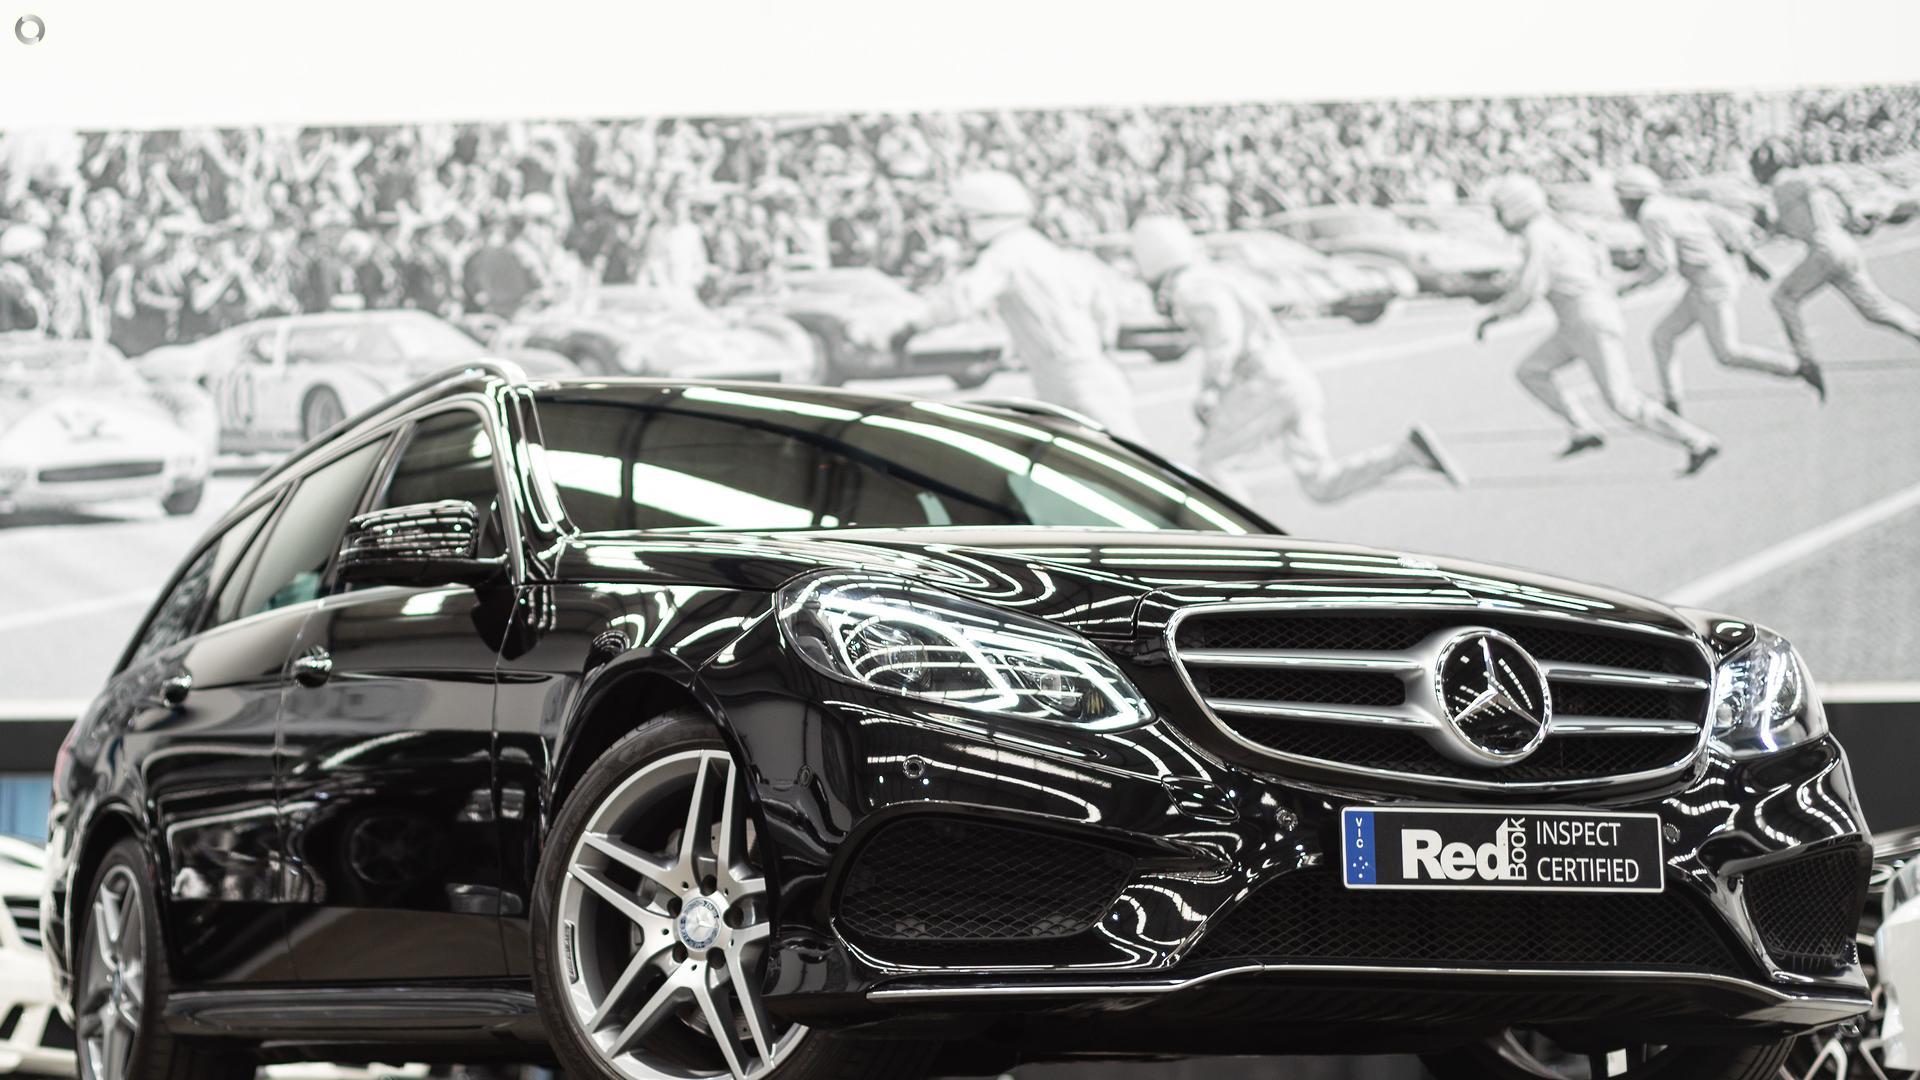 2014 Mercedes-Benz E-Class S212